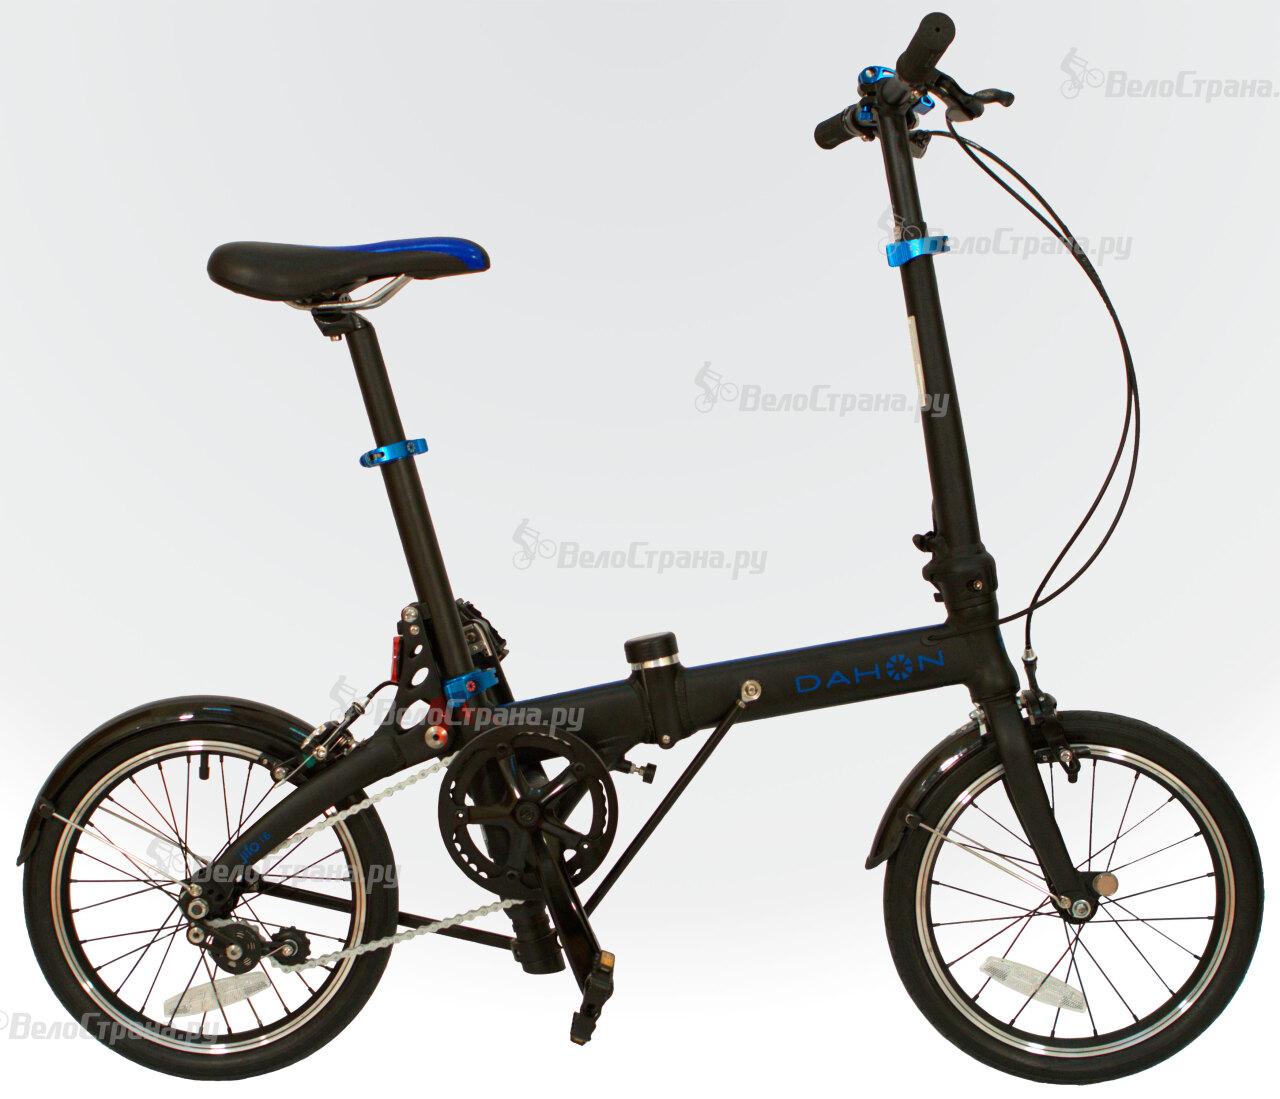 Велосипед Dahon Jifo Uno (2015) велосипед dahon speed d7 2015